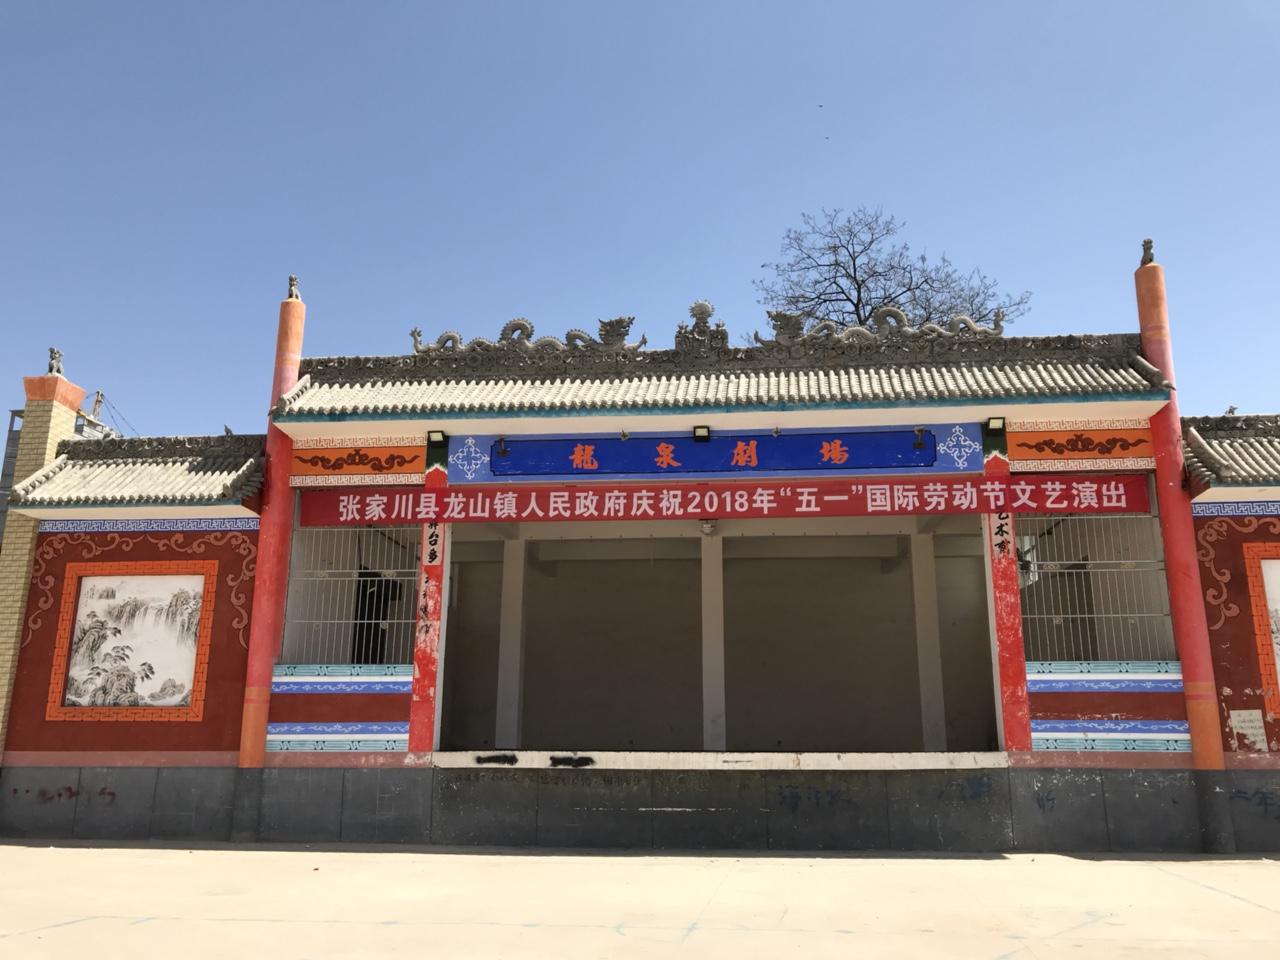 【文化惠民】龙山镇官泉村综合文化服务中心风�